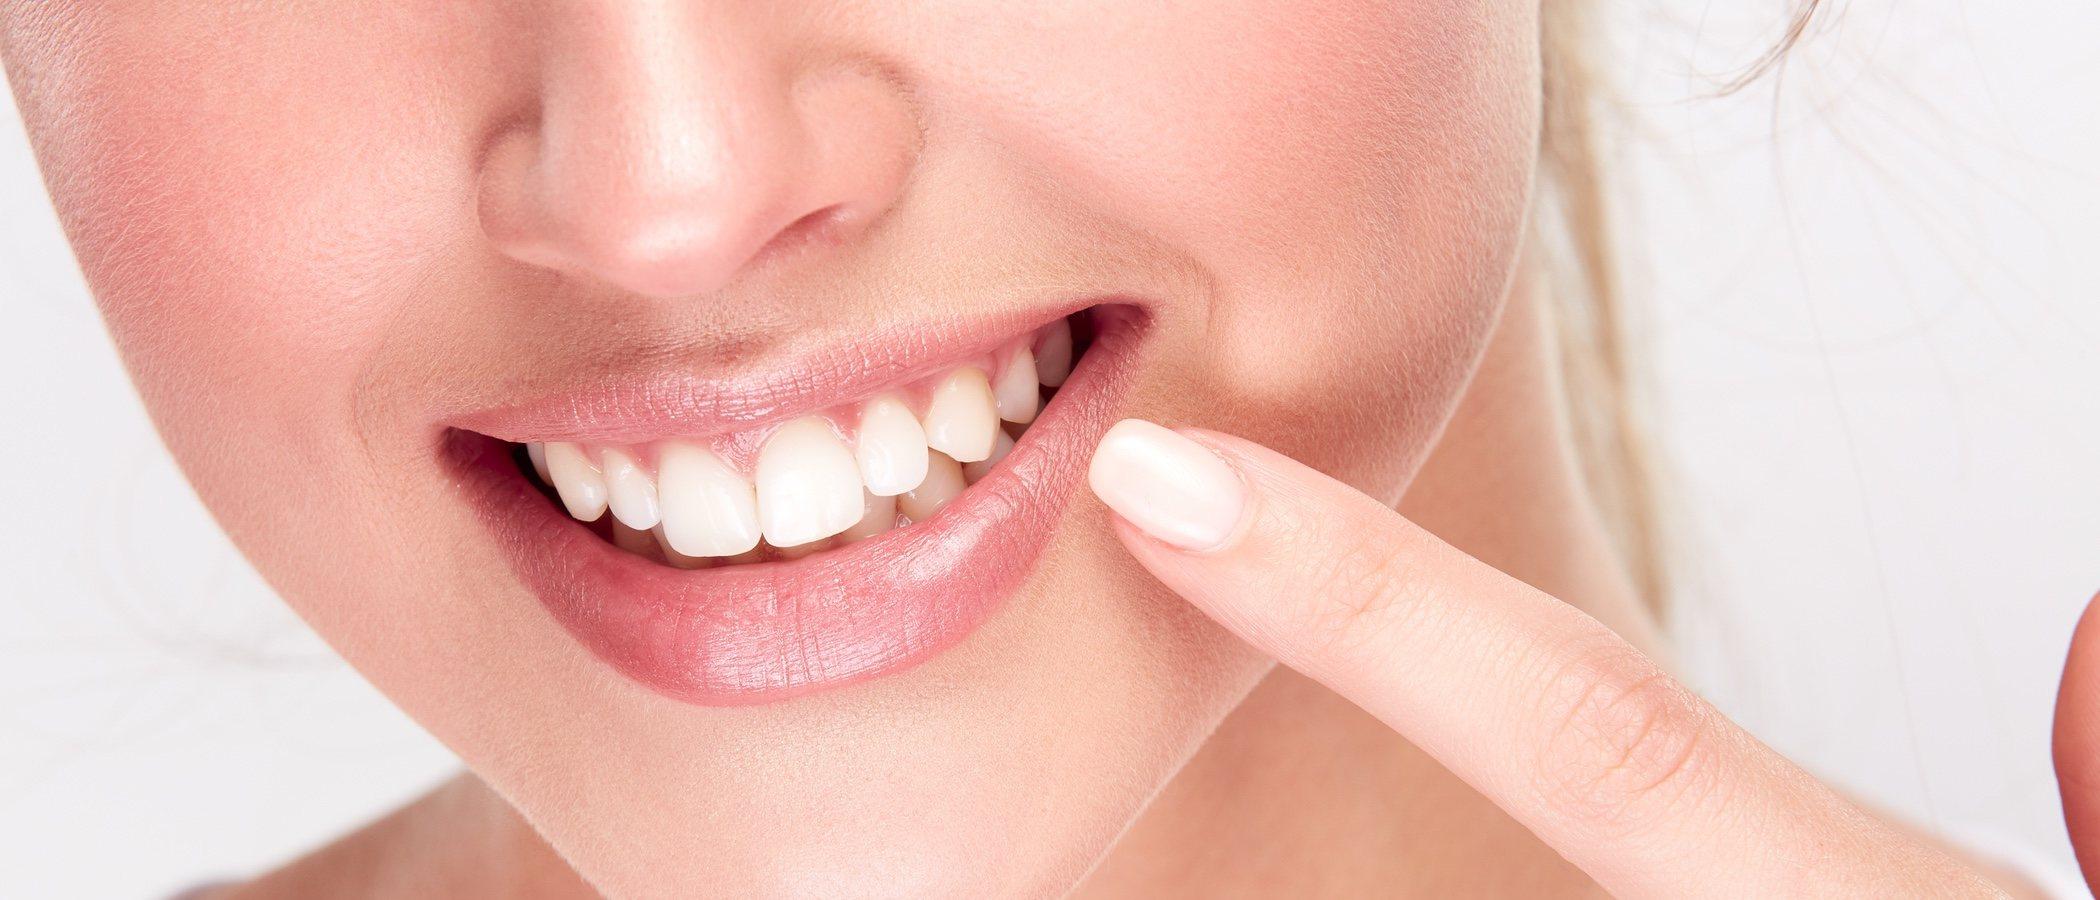 Blanquea tus dientes: devuelve el blanco a tu dentadura con unos trucos caseros